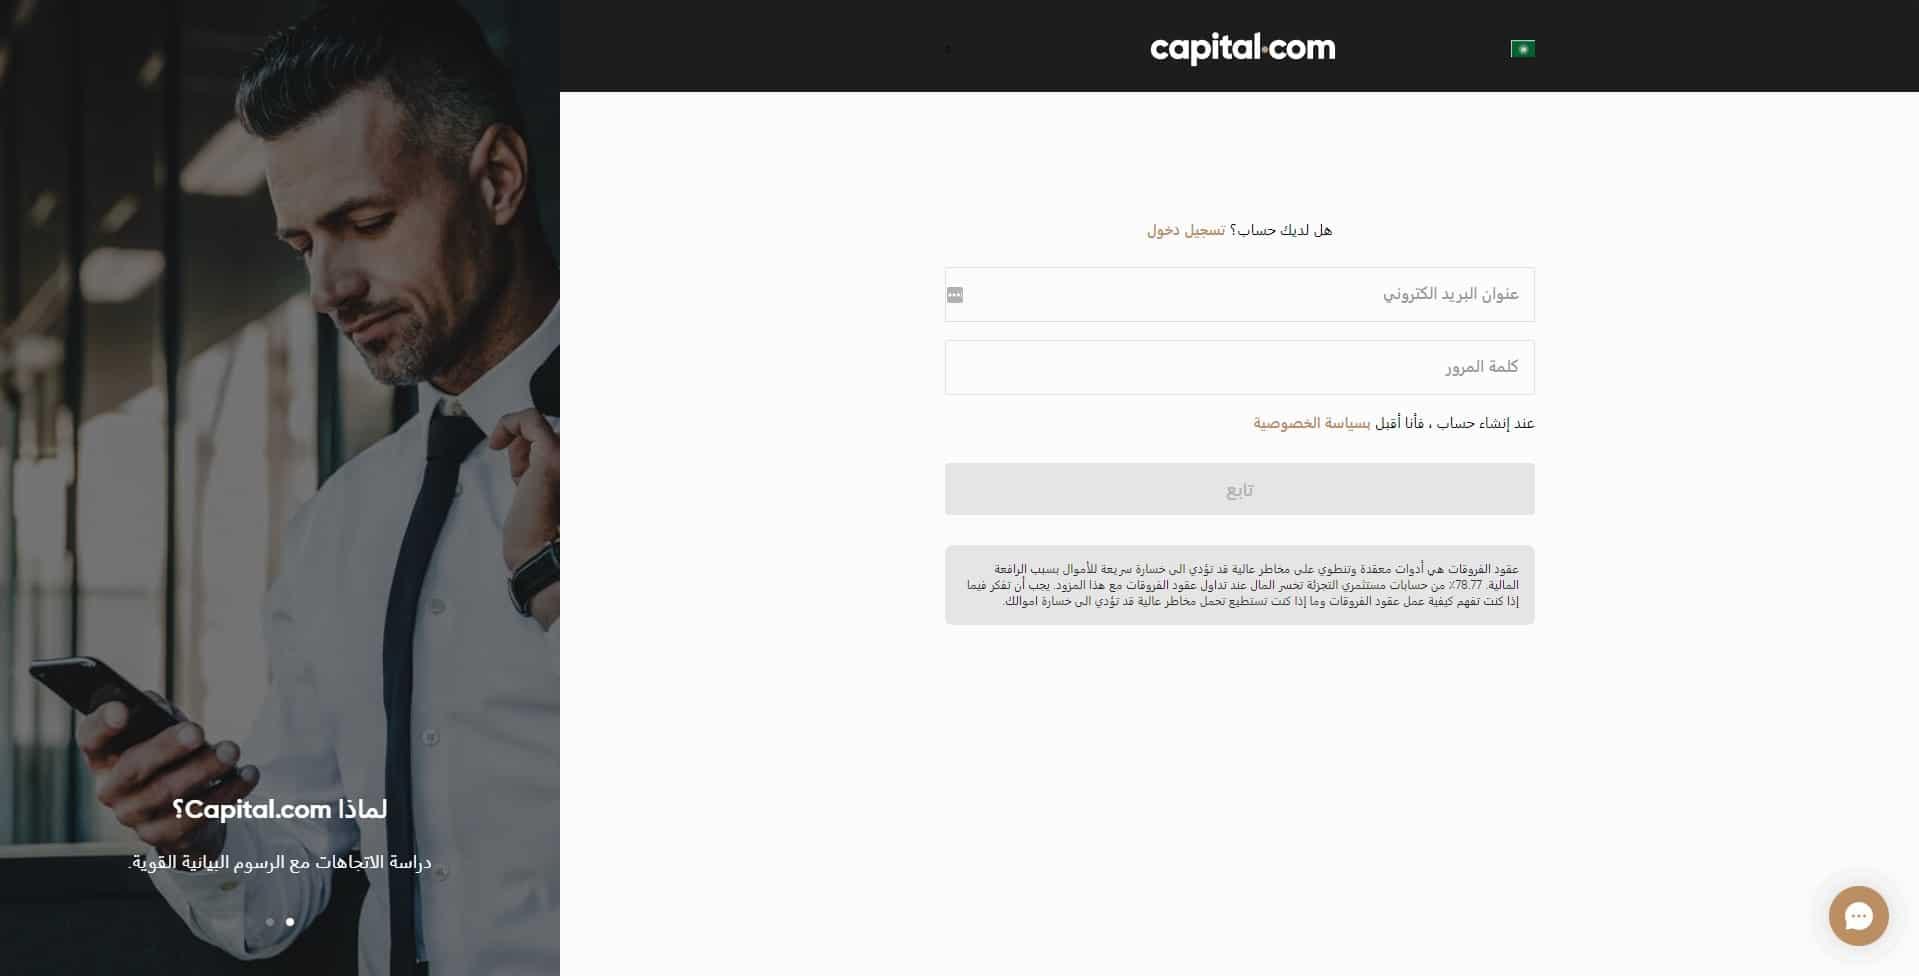 افتح حساب مع Capital.com